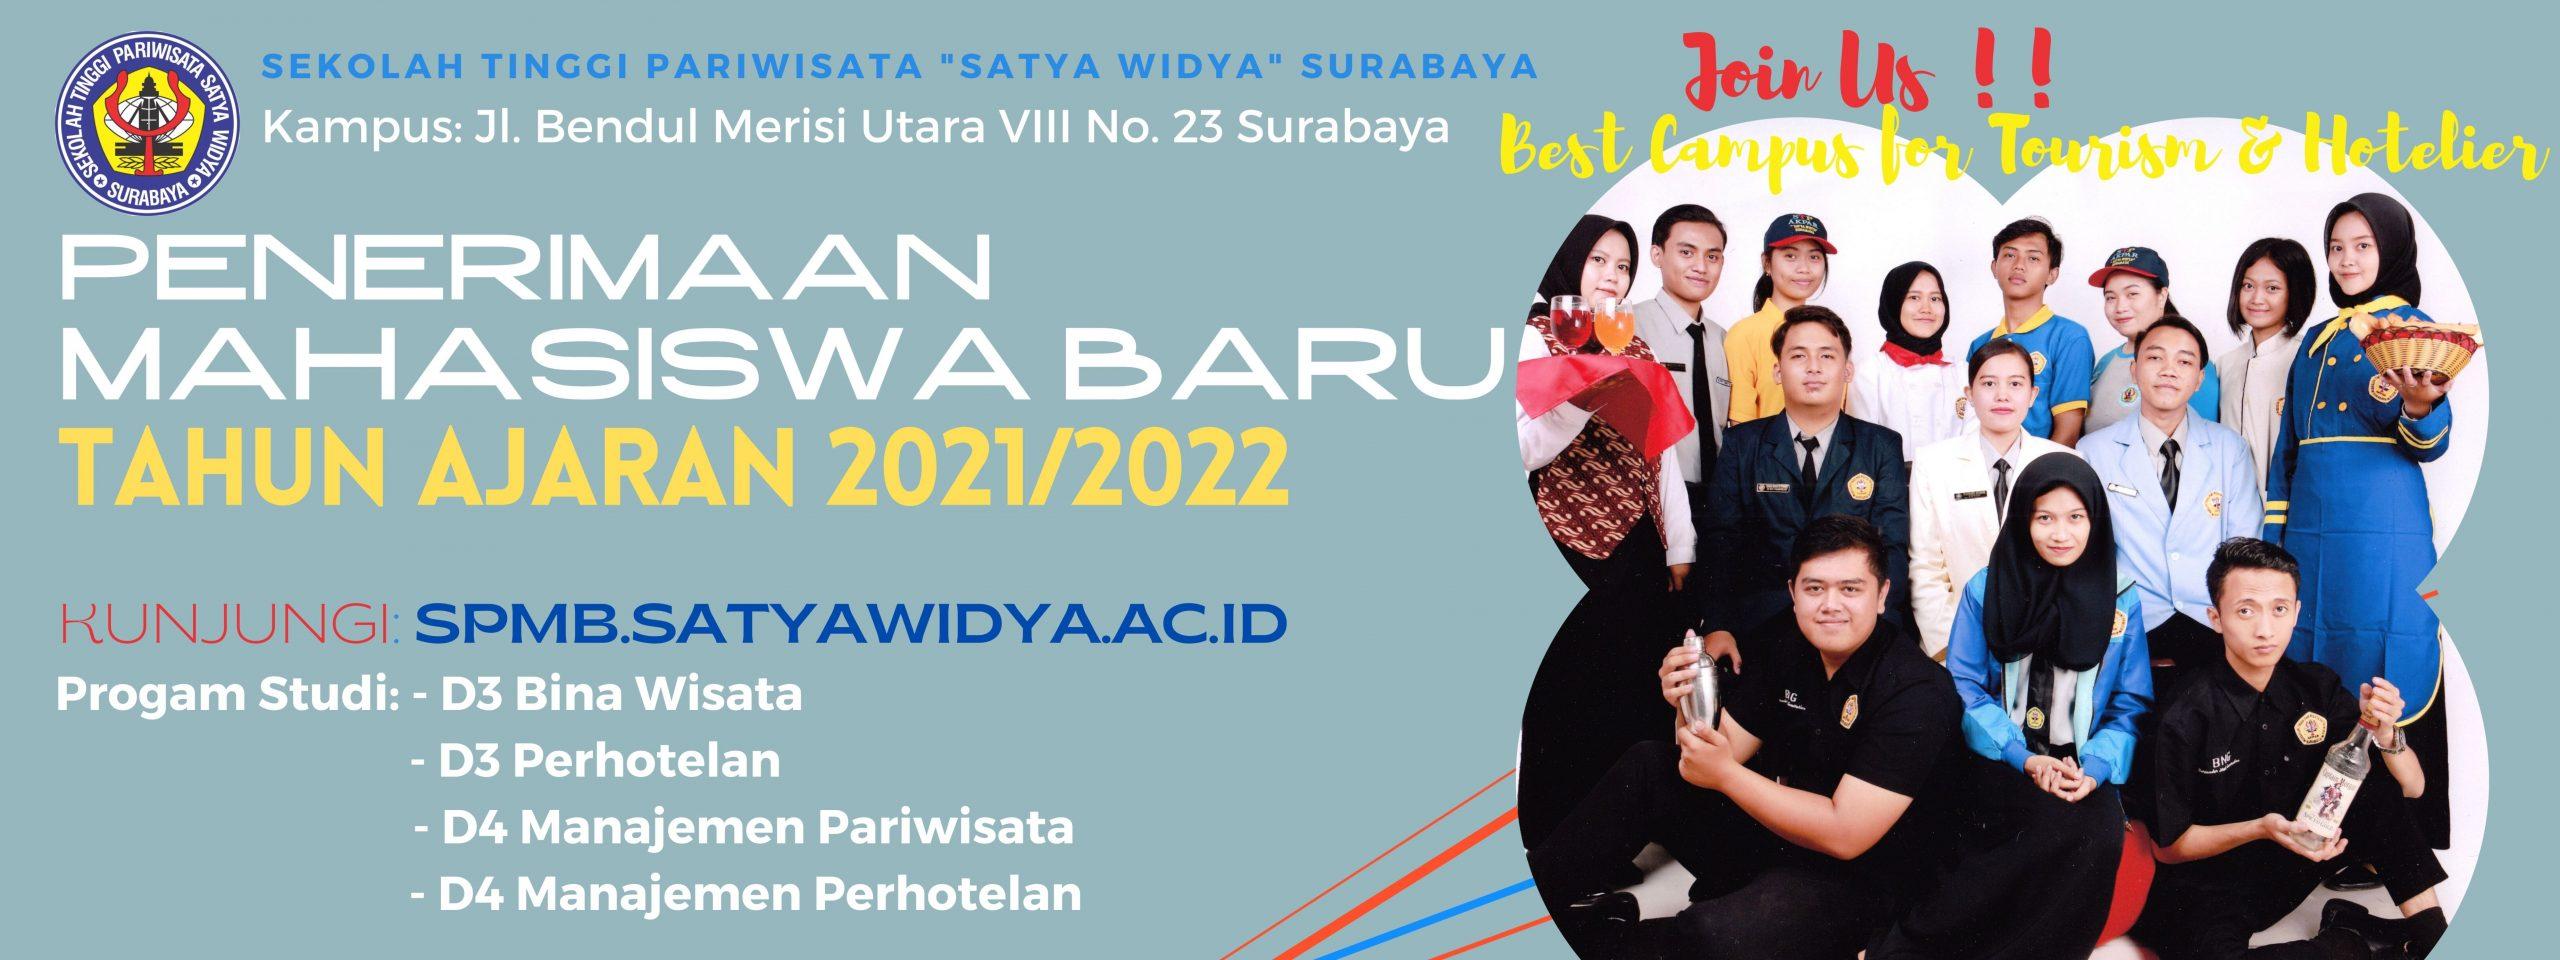 Program Pendaftaran Mahasiswa Baru 2021/2022